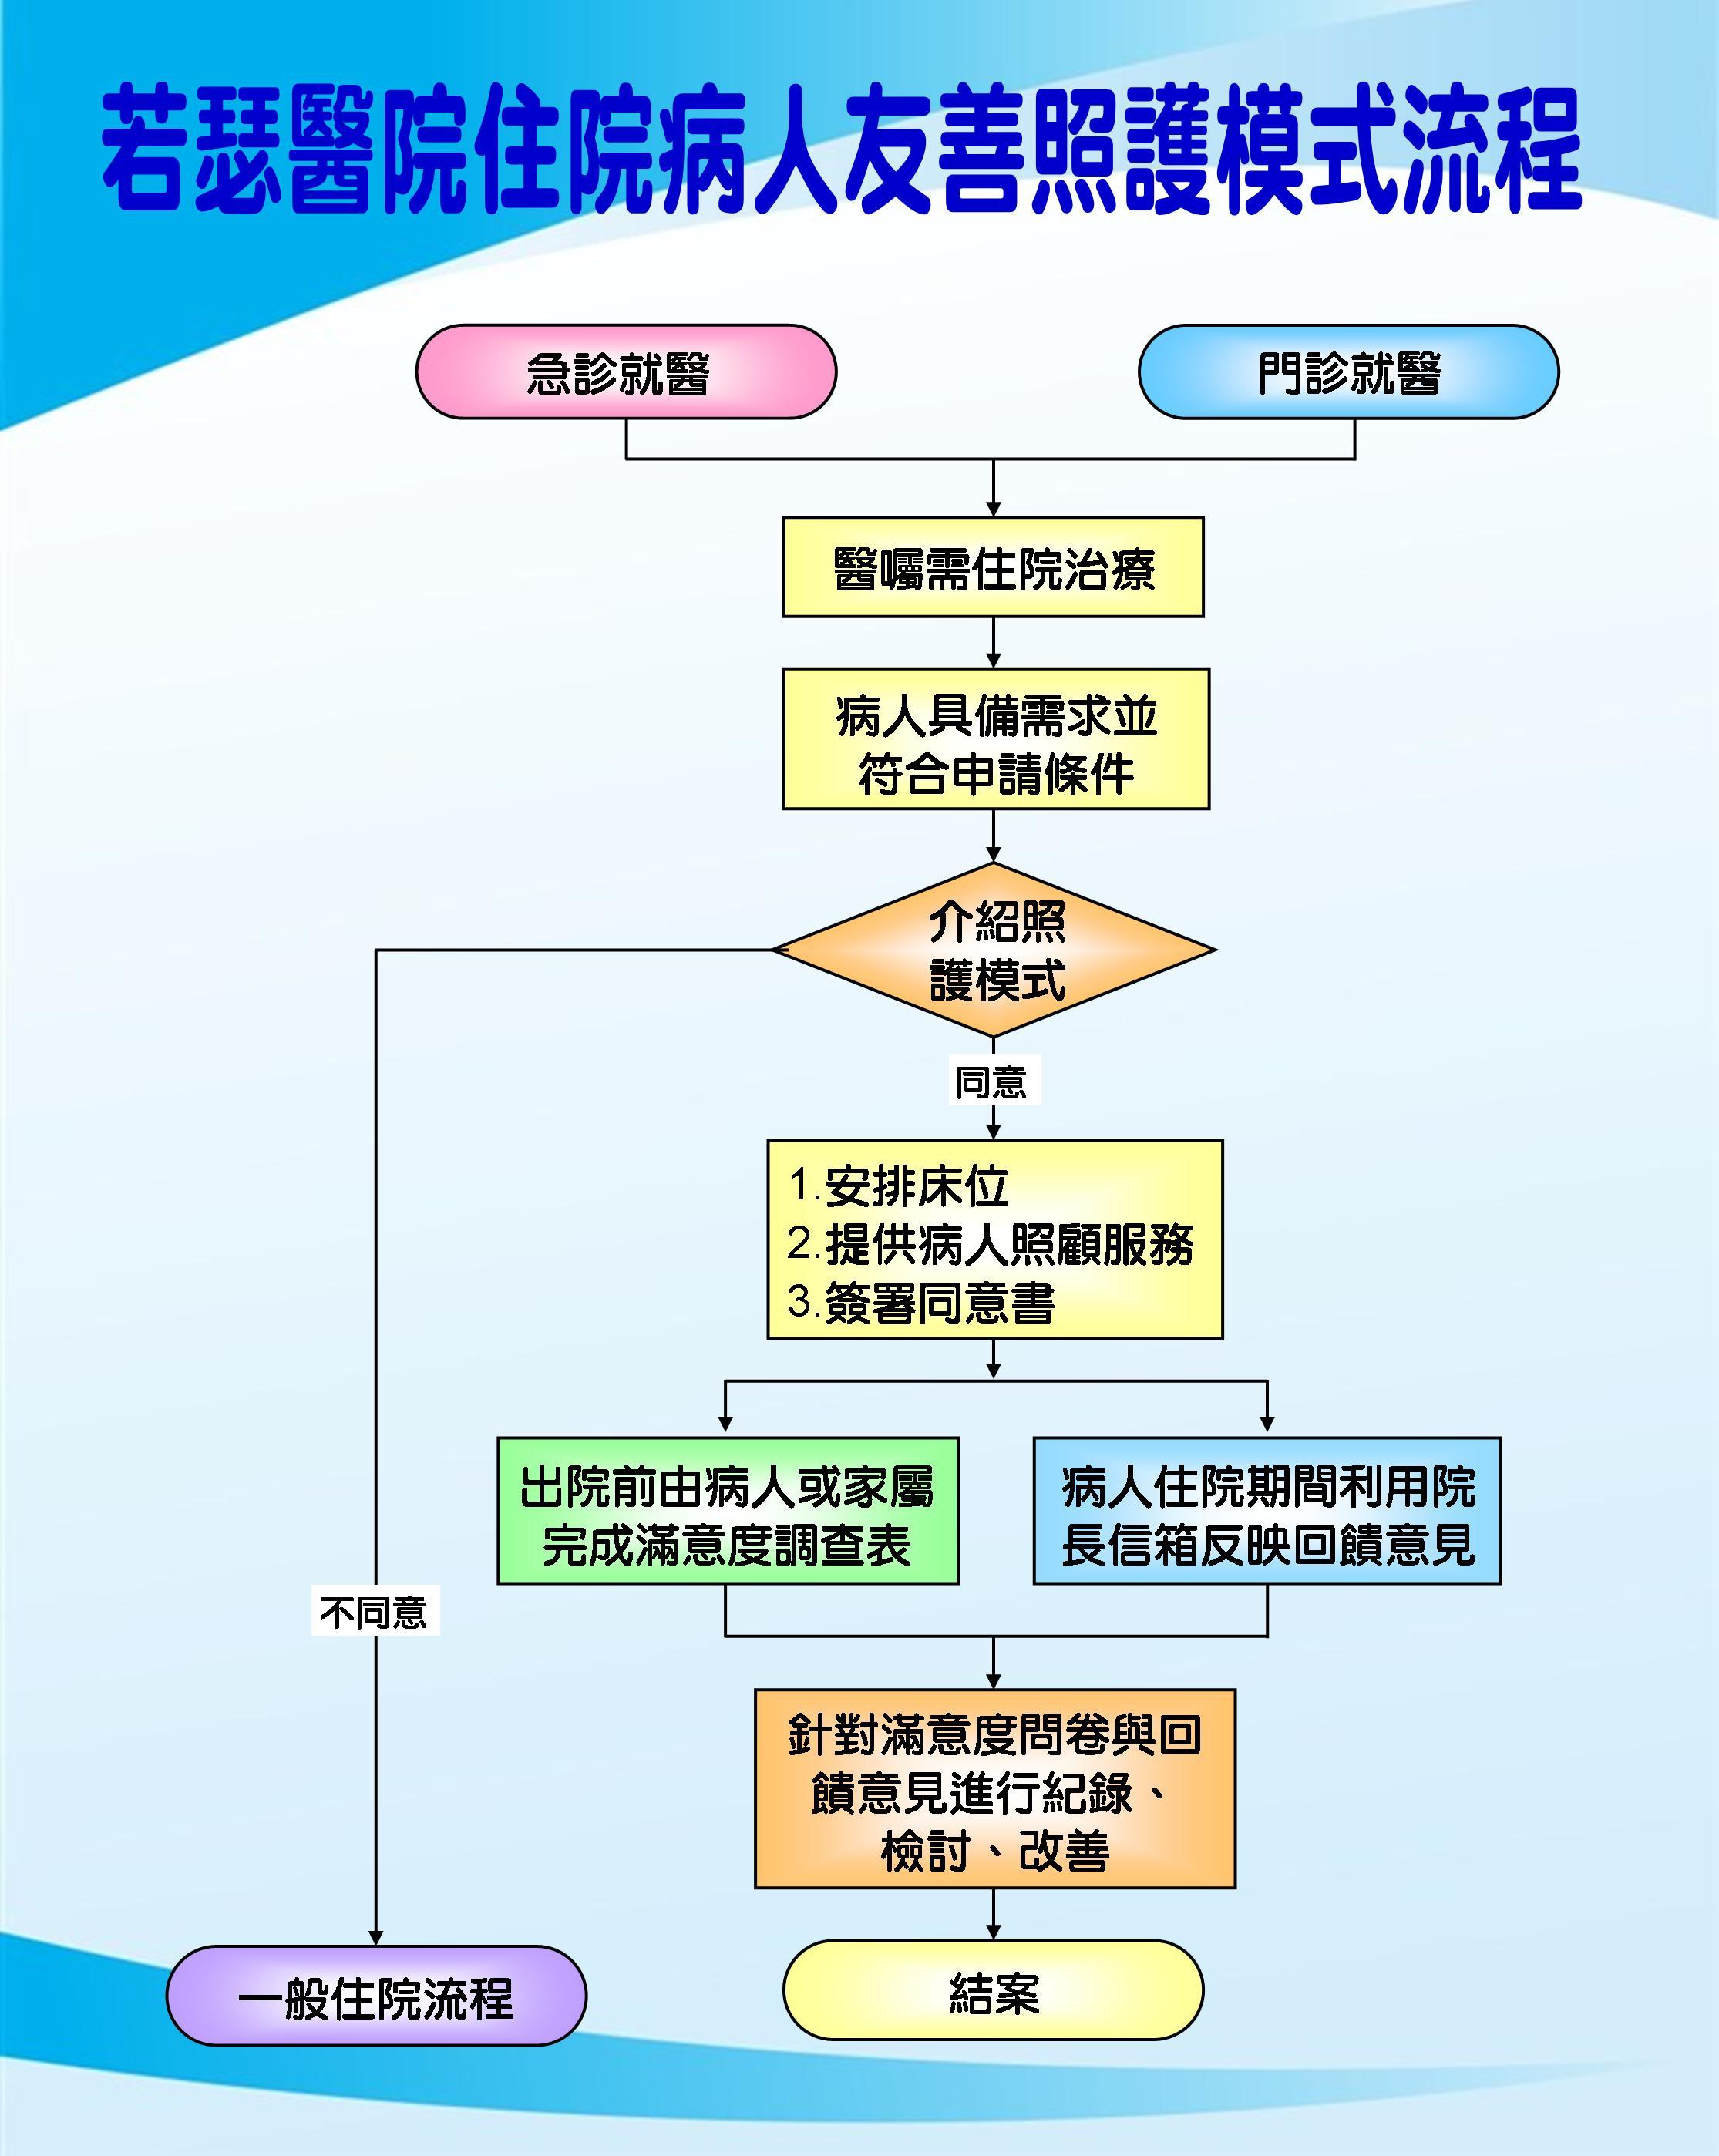 病人友善照護模式流程.jpg